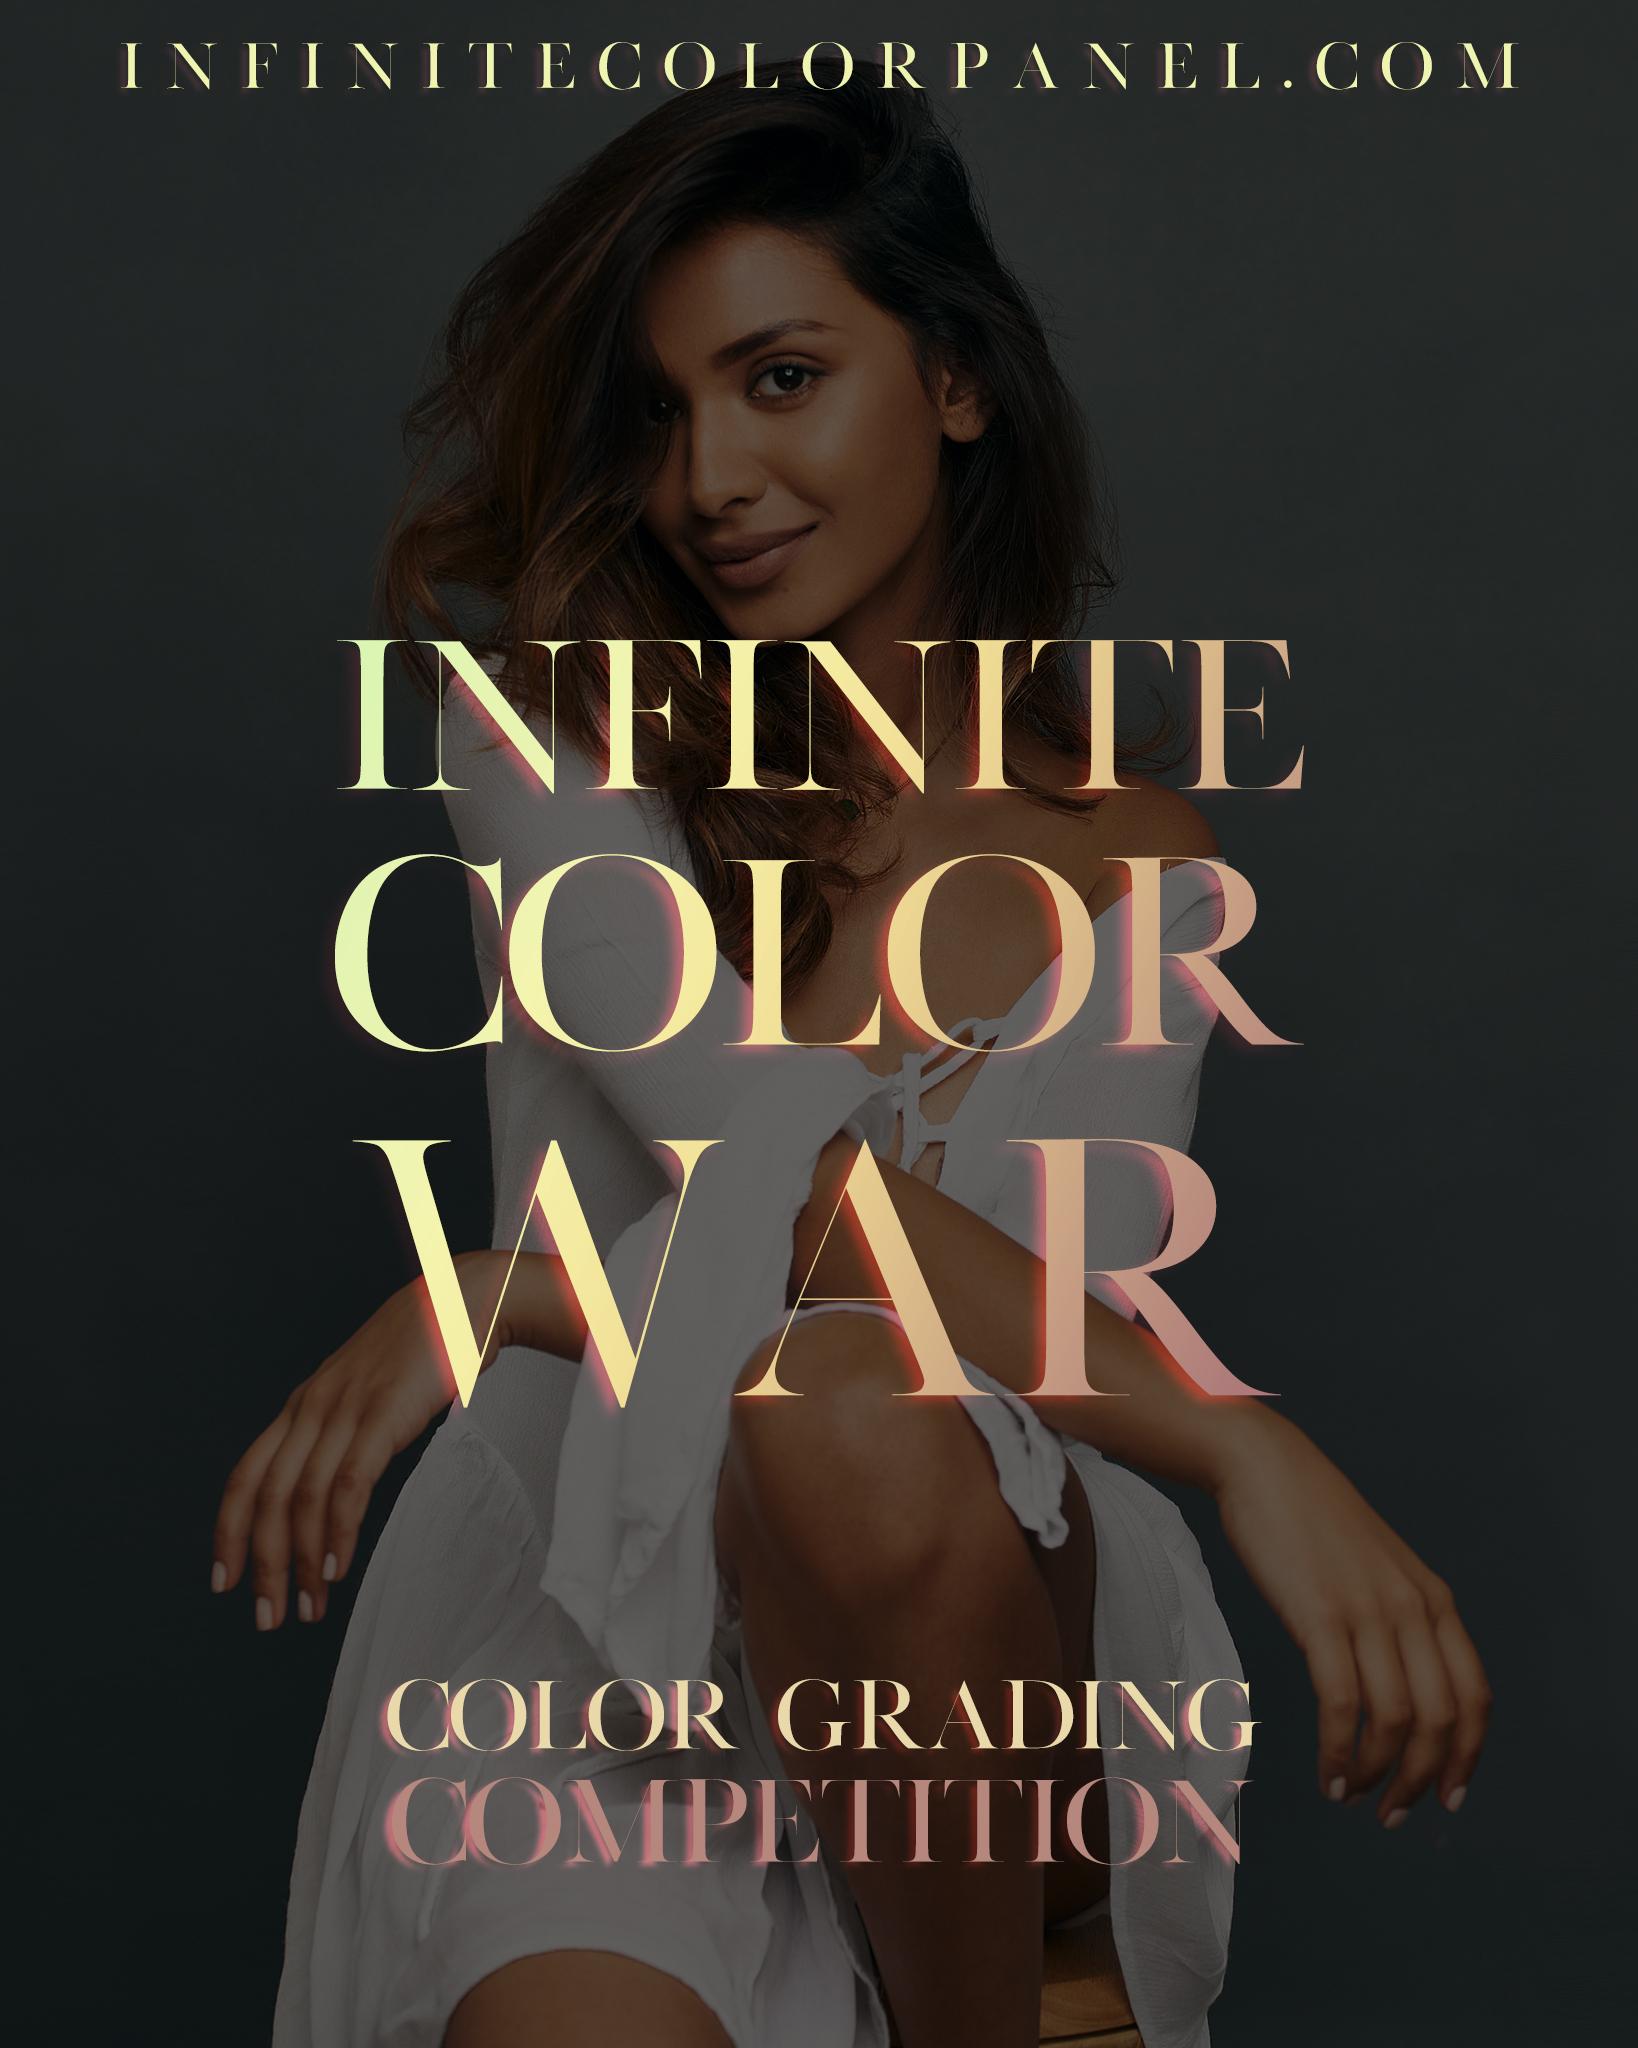 Infinite Color War.jpg